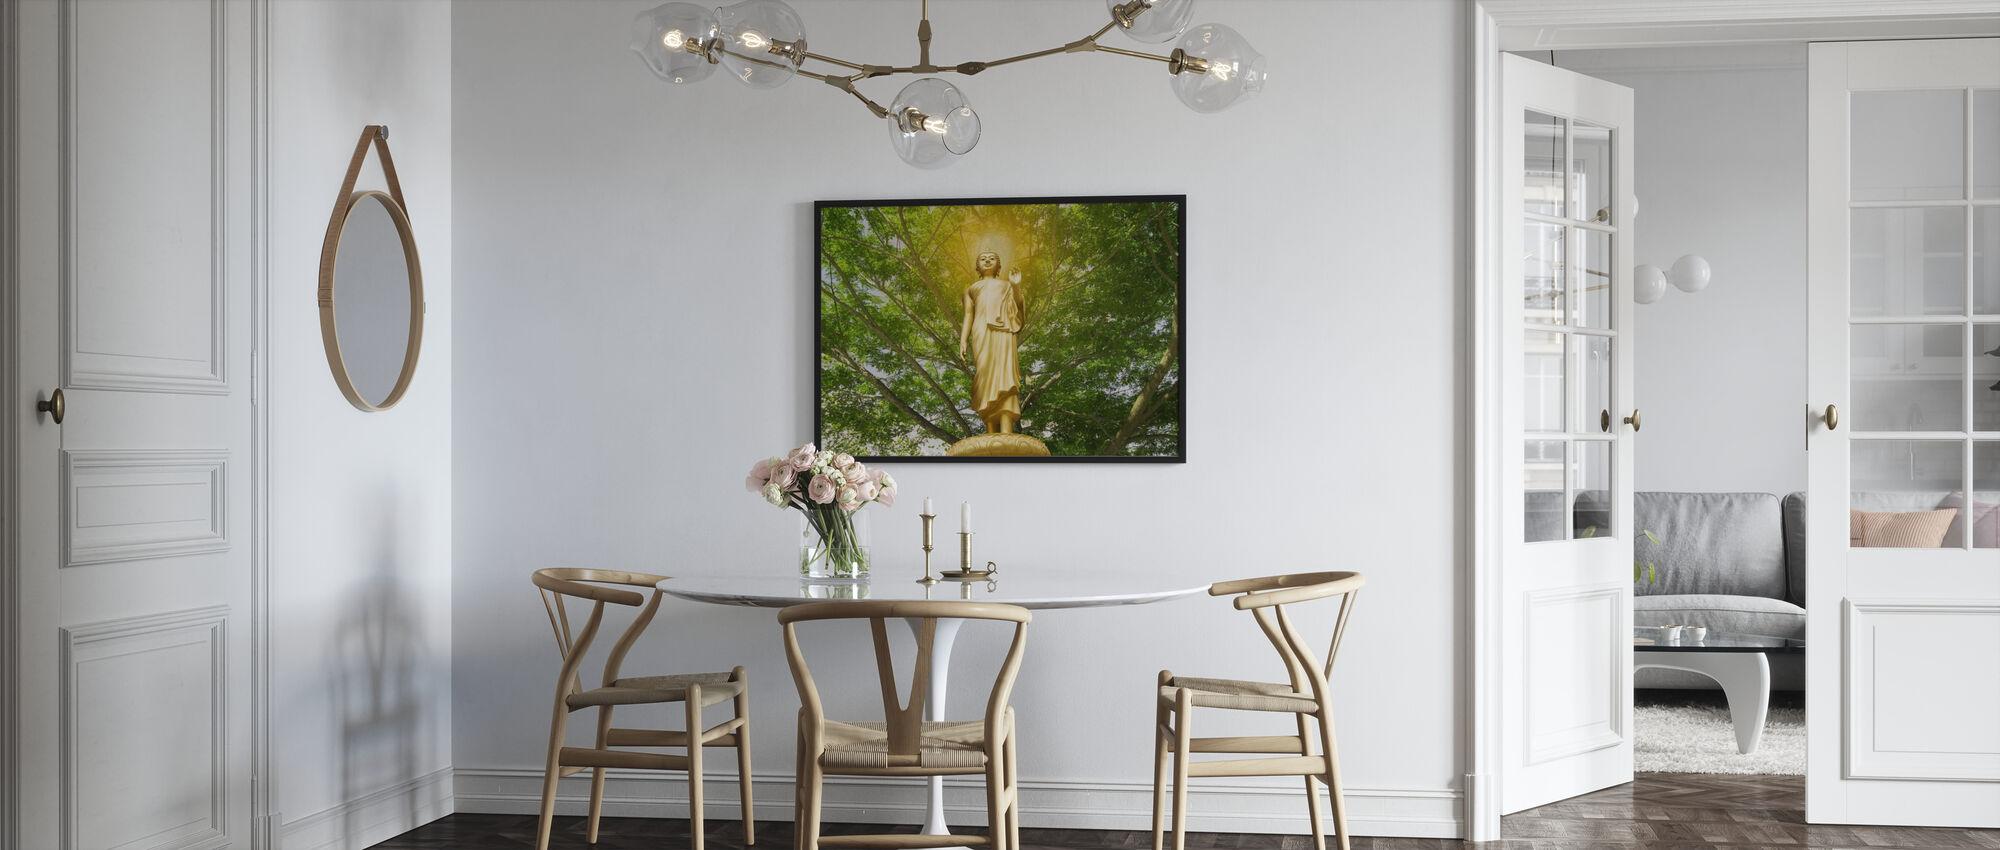 Standbeeld van Boeddha - Ingelijste print - Keuken